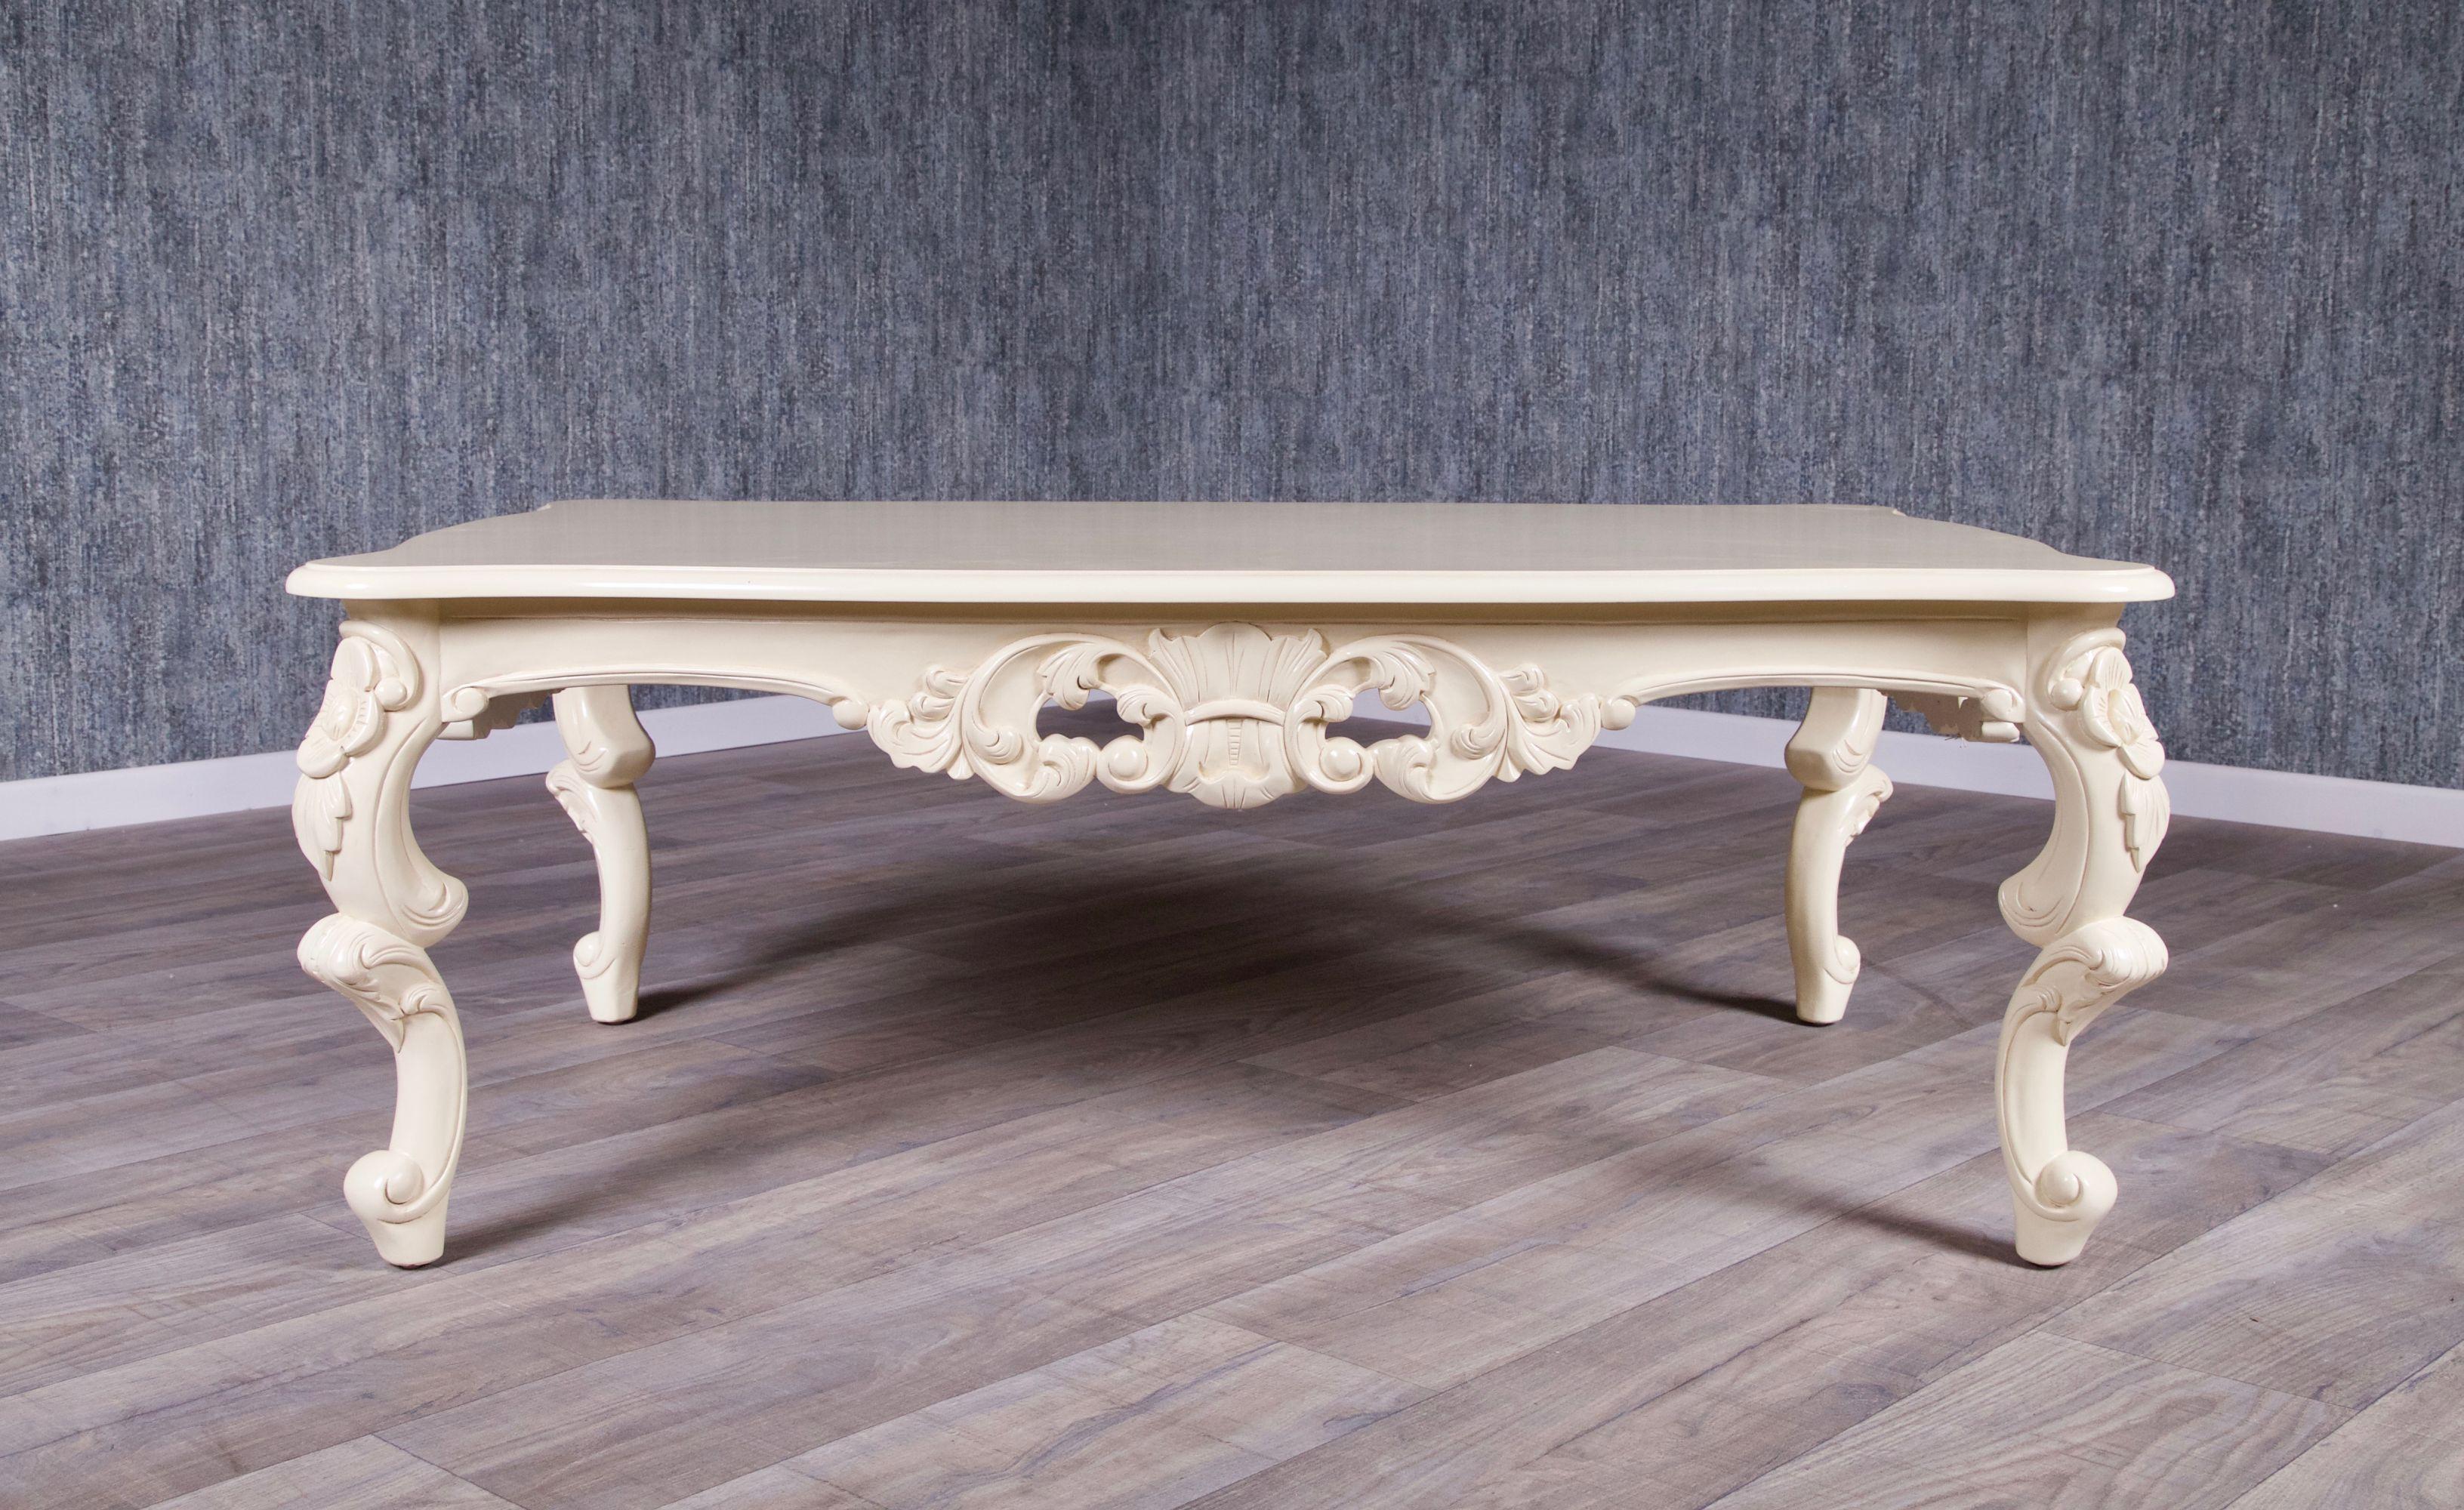 Barock Couchtisch Elfenbein Couchtische Sofas Sessel